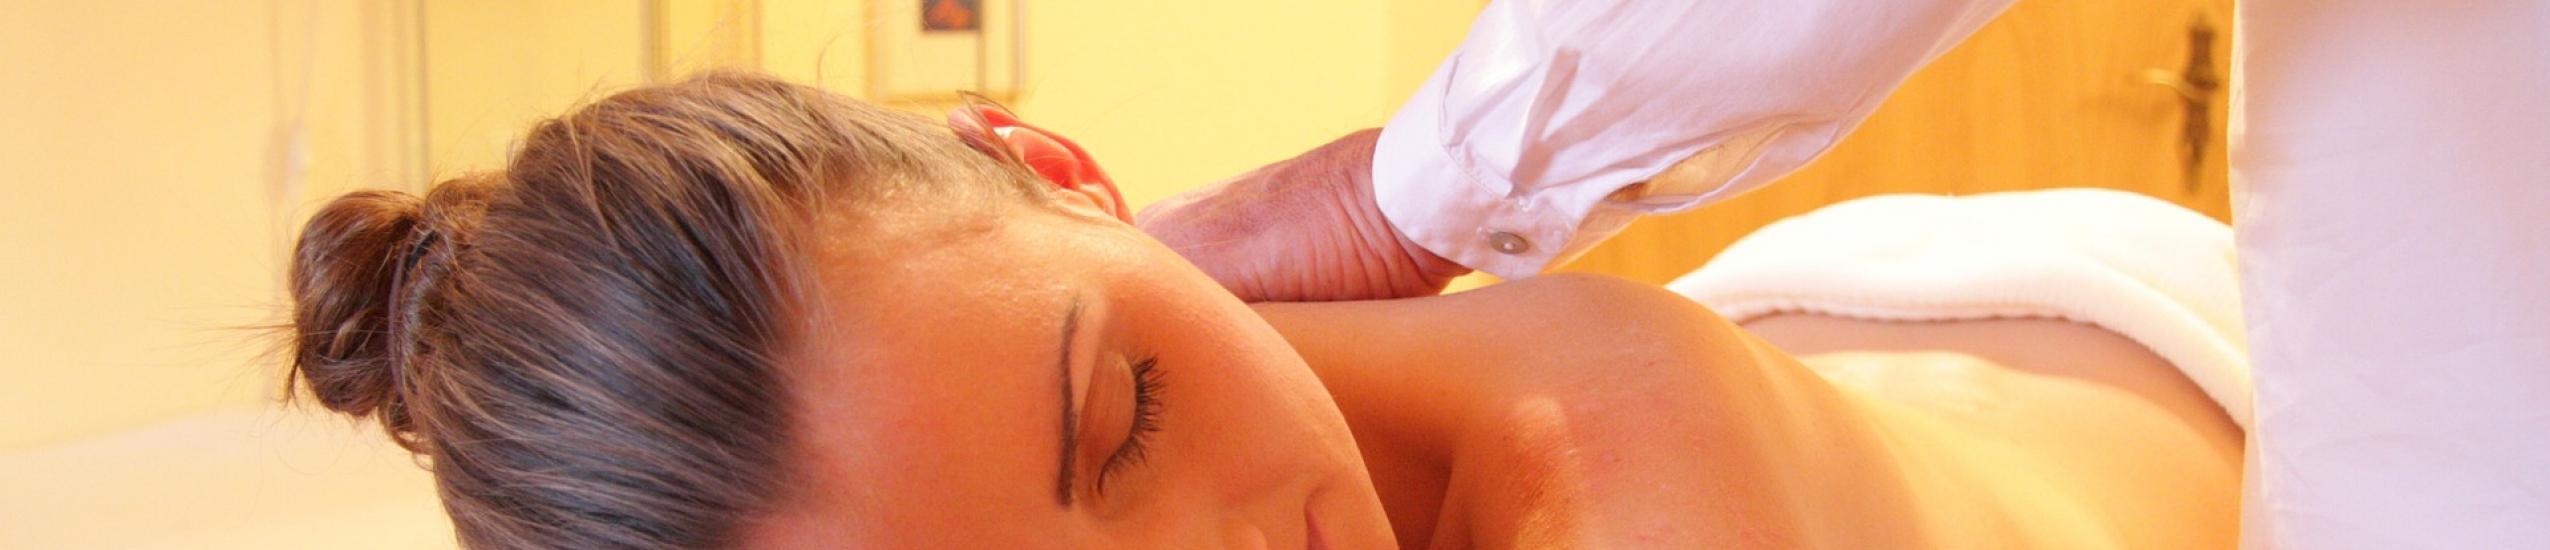 Foto di una seduta di massaggio alla schiena